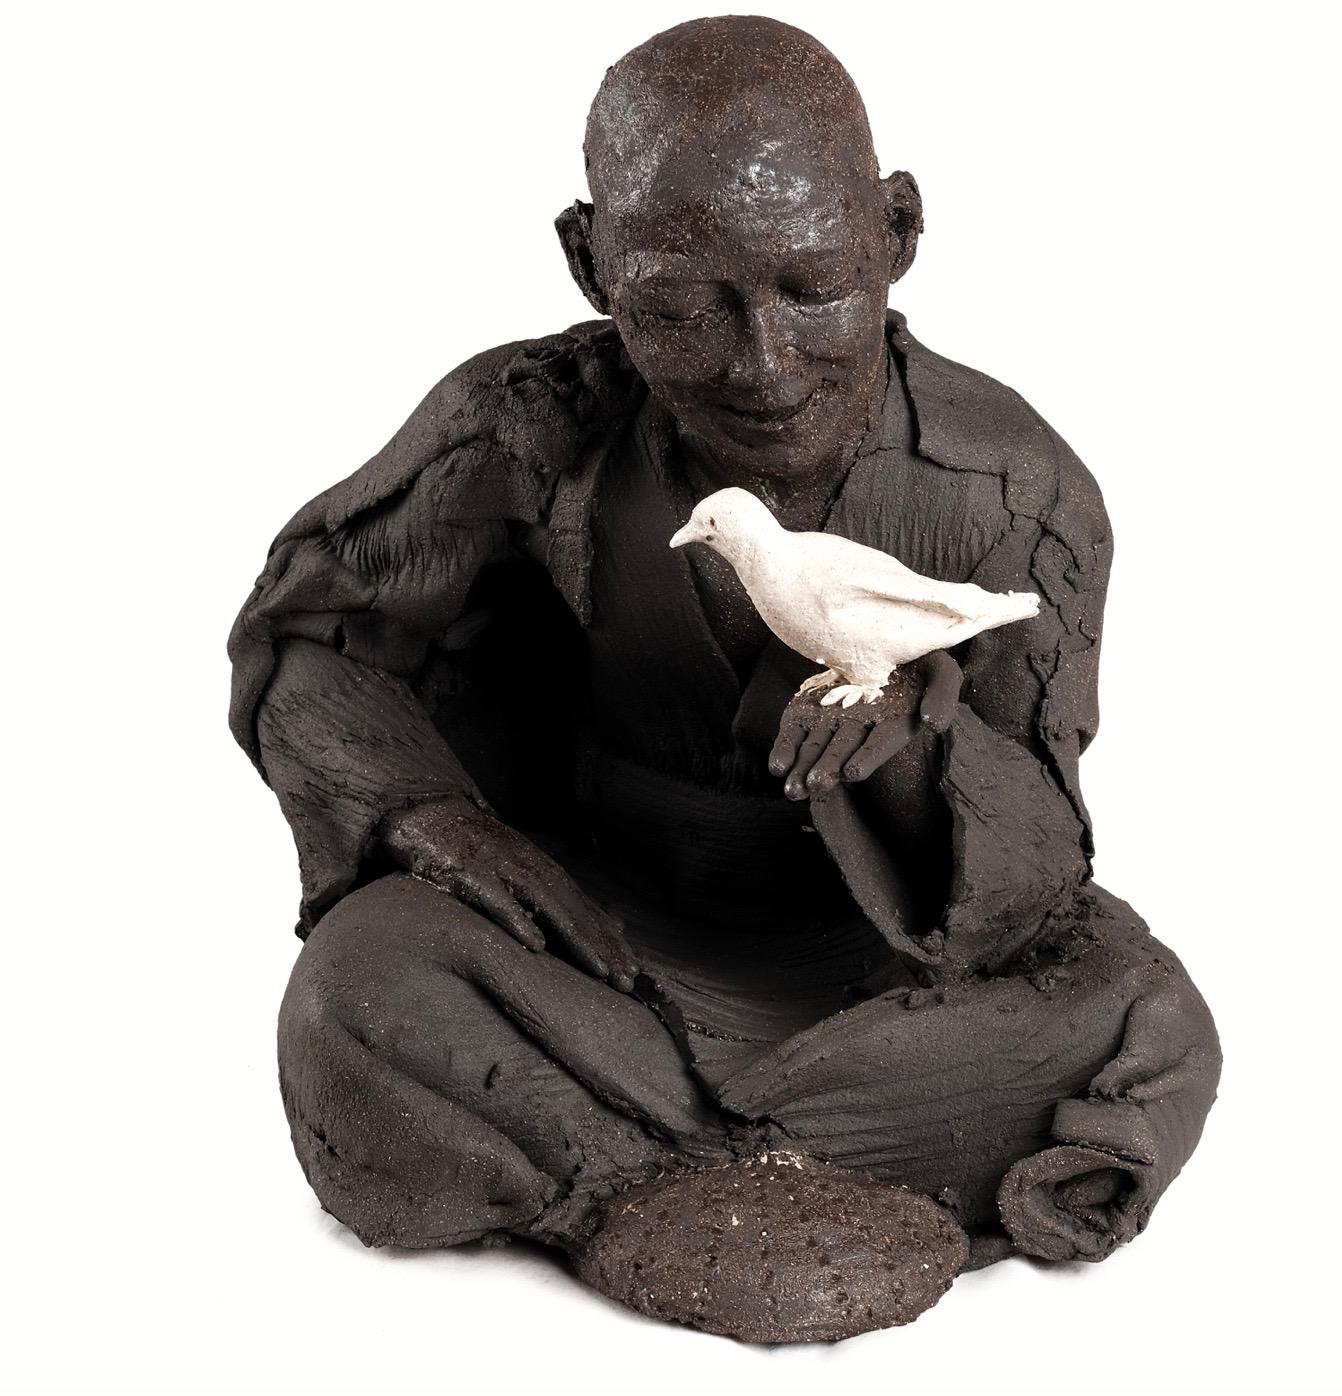 Sculpture by Corinne Chauvet